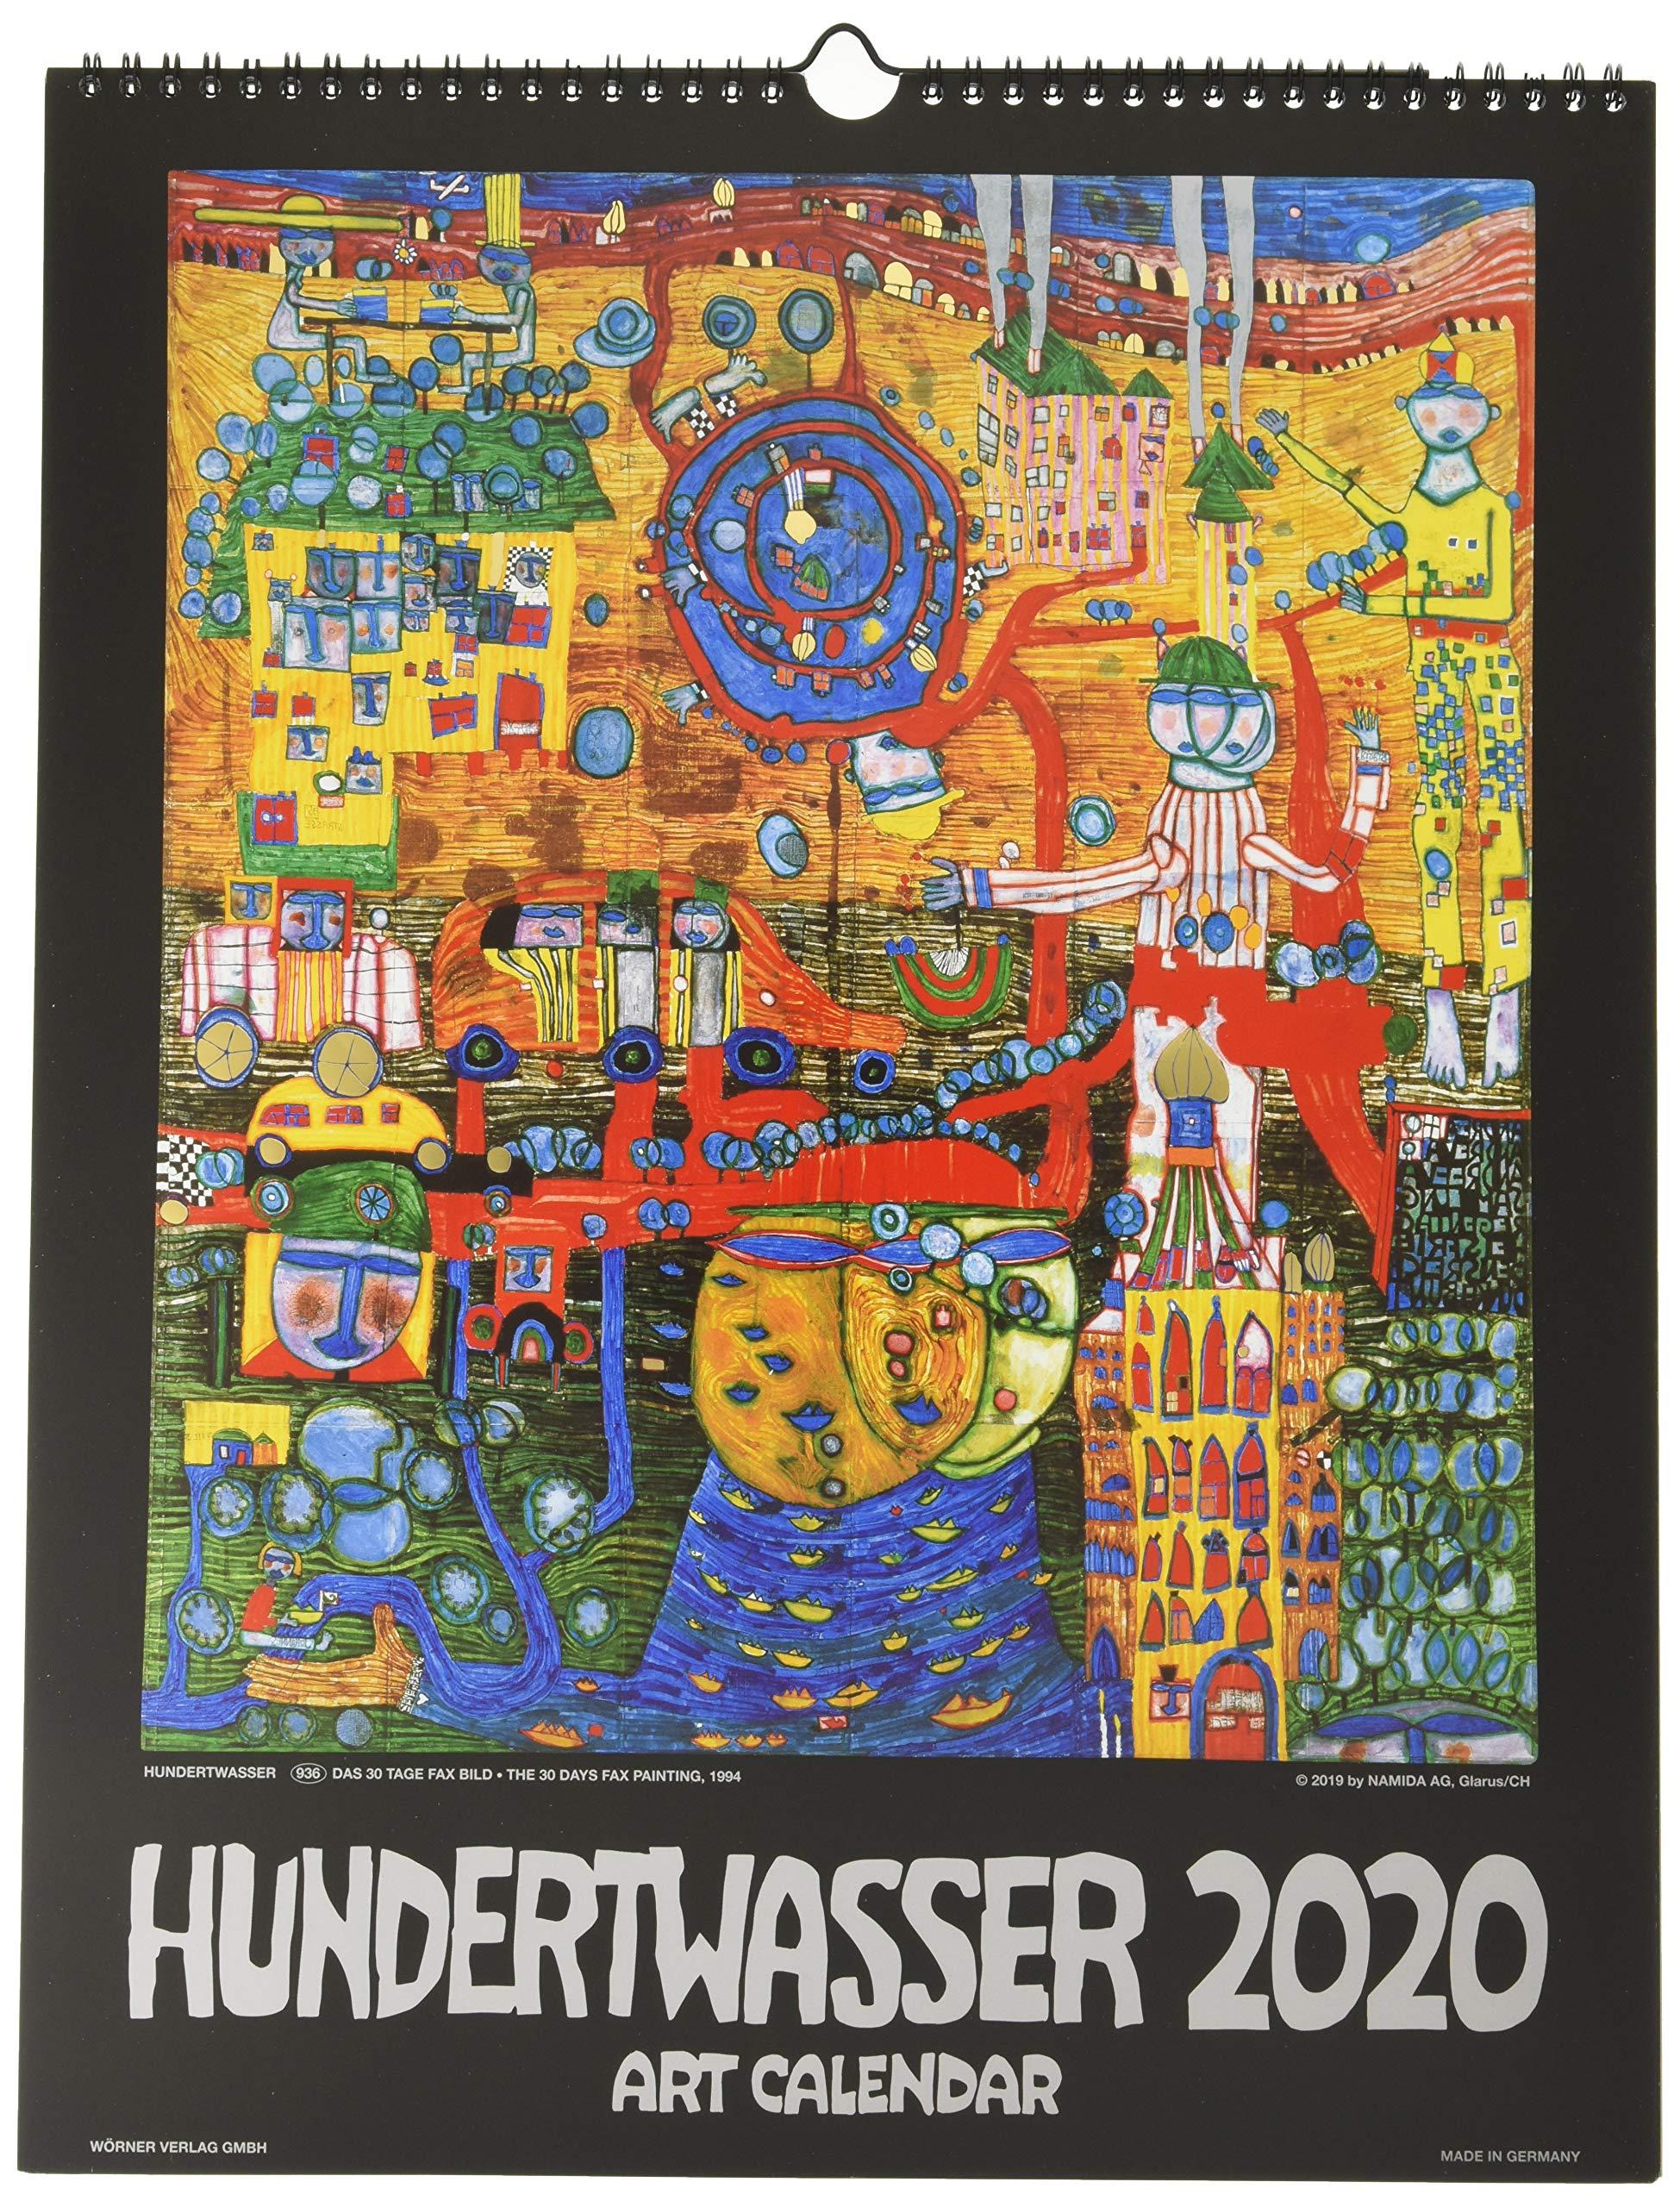 Hundertwasser Art Calendar 2020: 9783946177647: Amazon.com ...